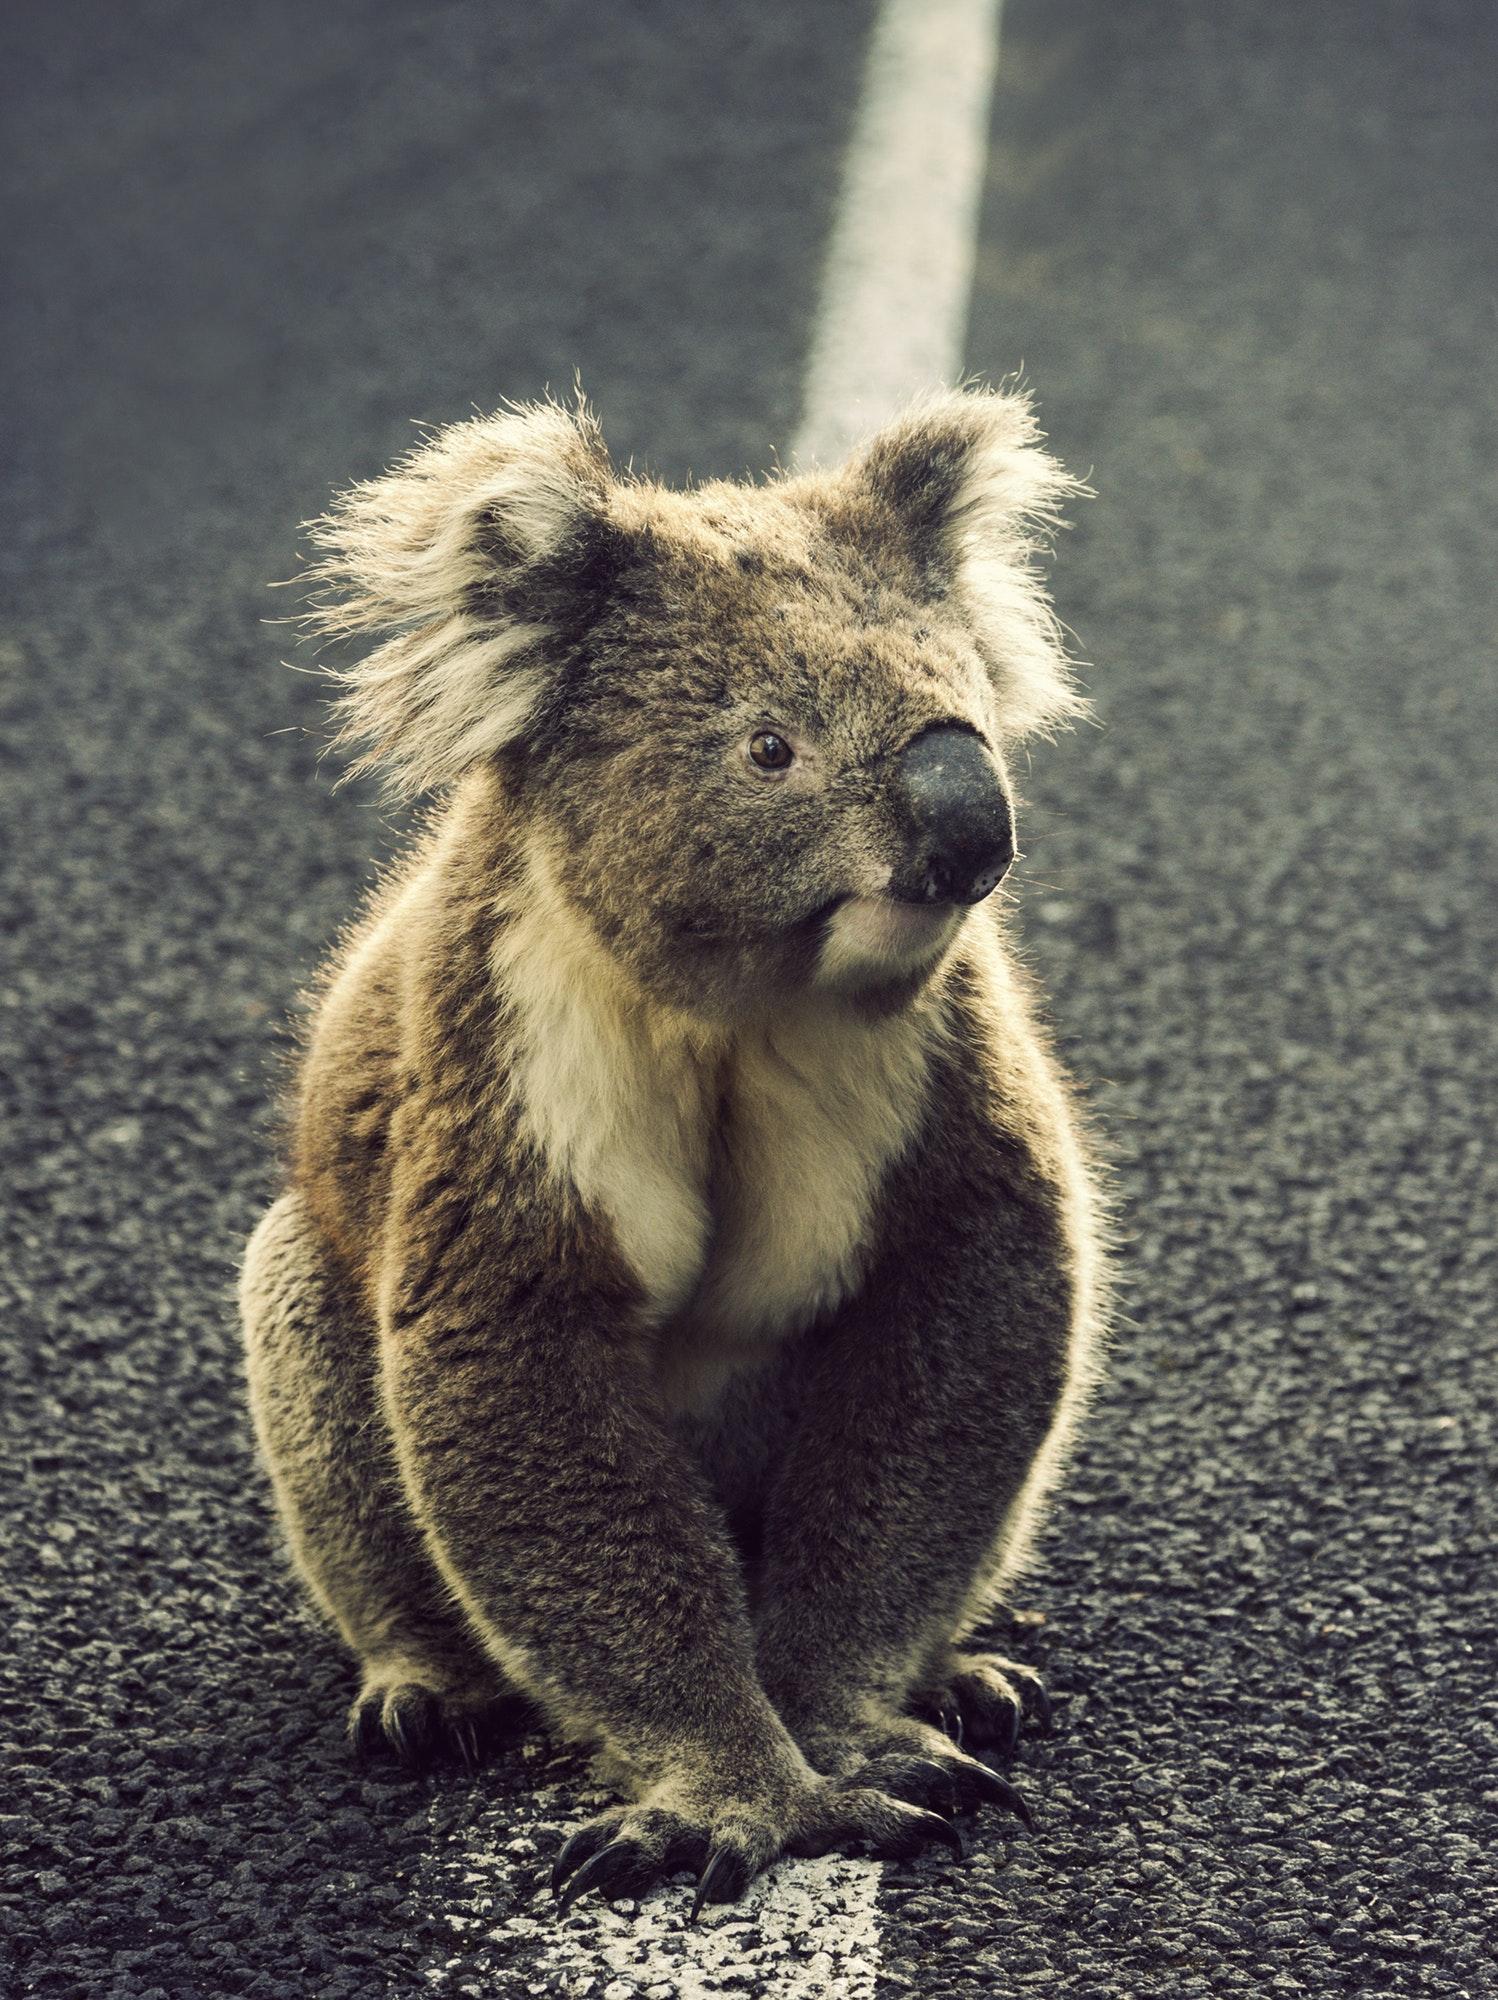 Koala on the road